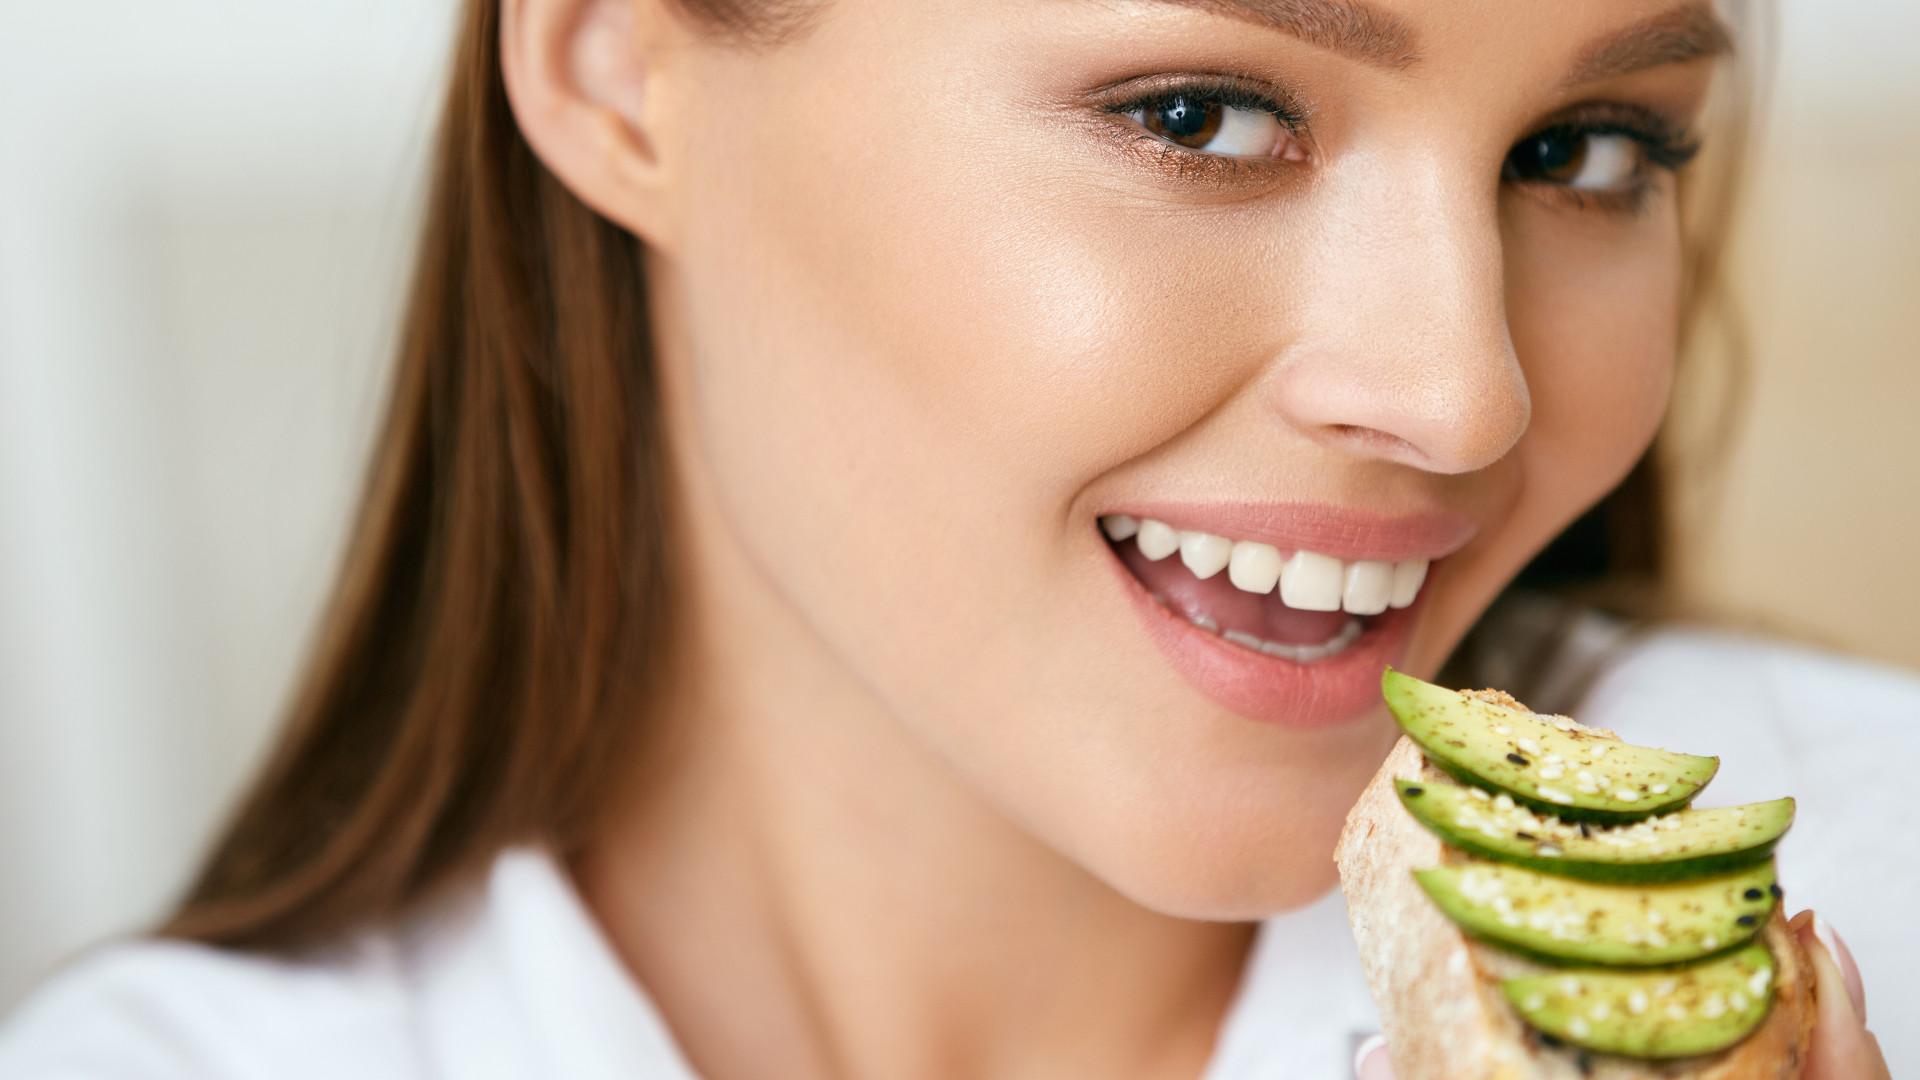 Os benefícios do abacate. A fruta que reduz apetite e queima gordura